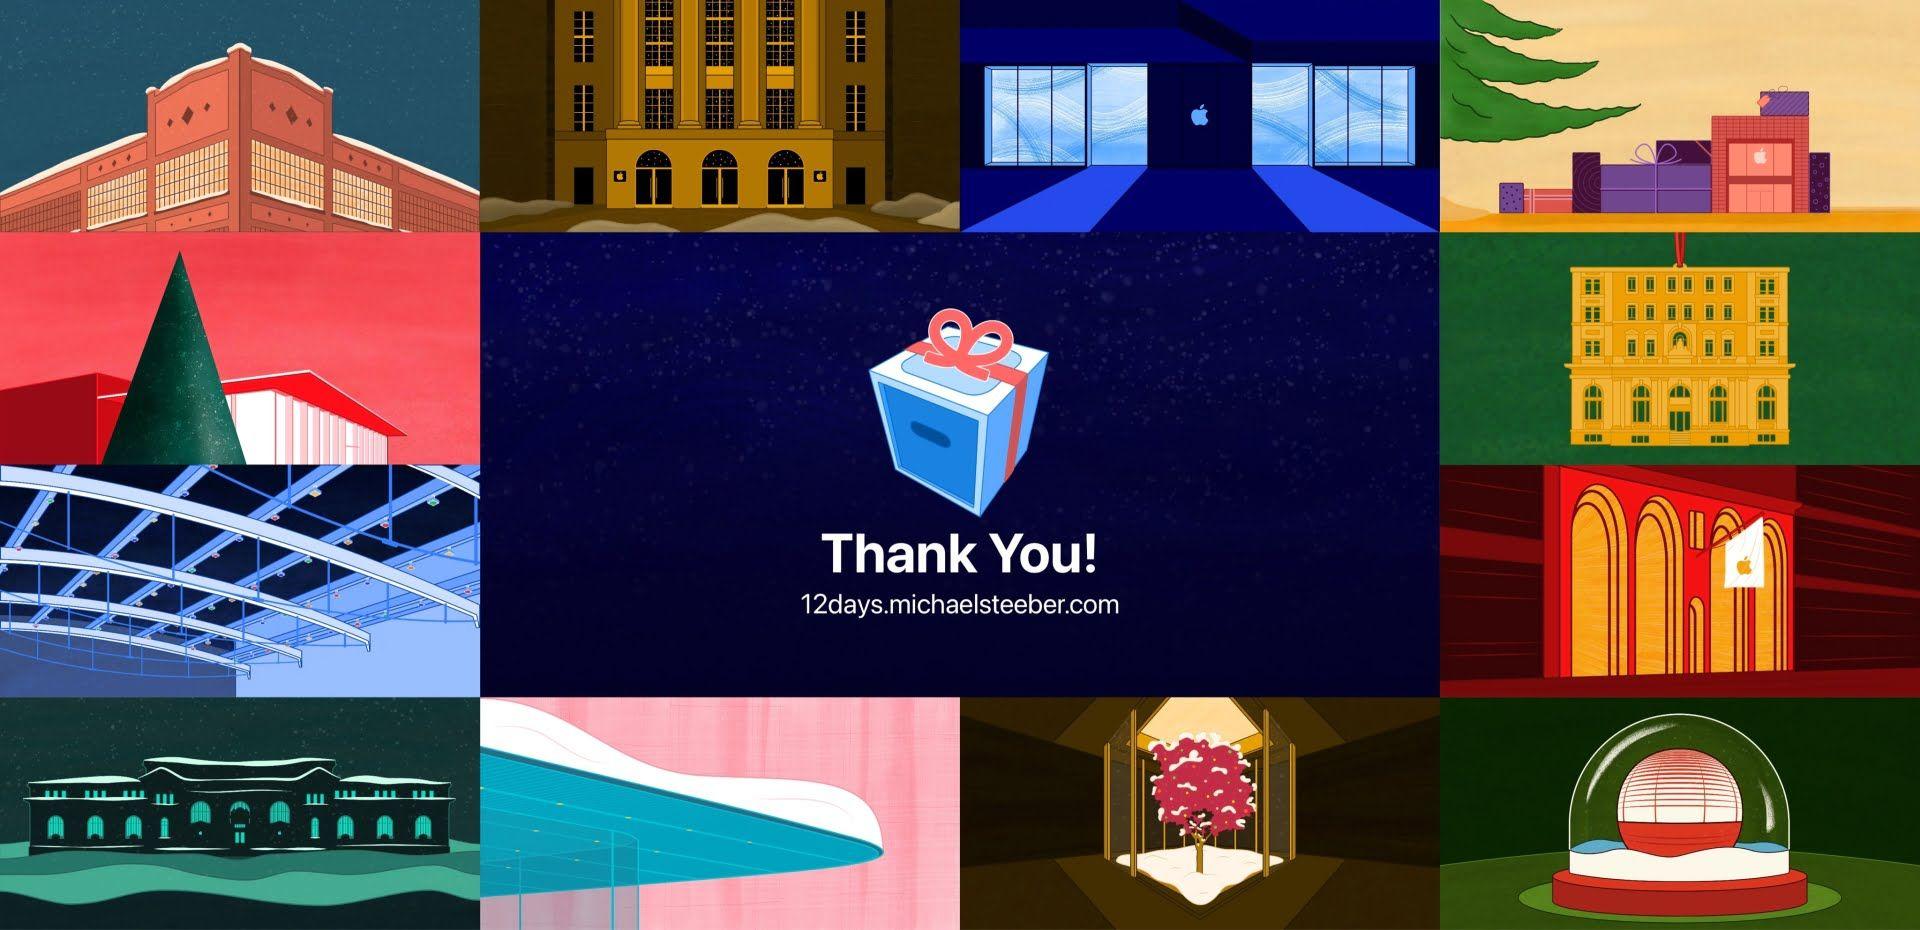 Grafiki salonów firmy Apple podczas akcji 12 Days of Apple Stores